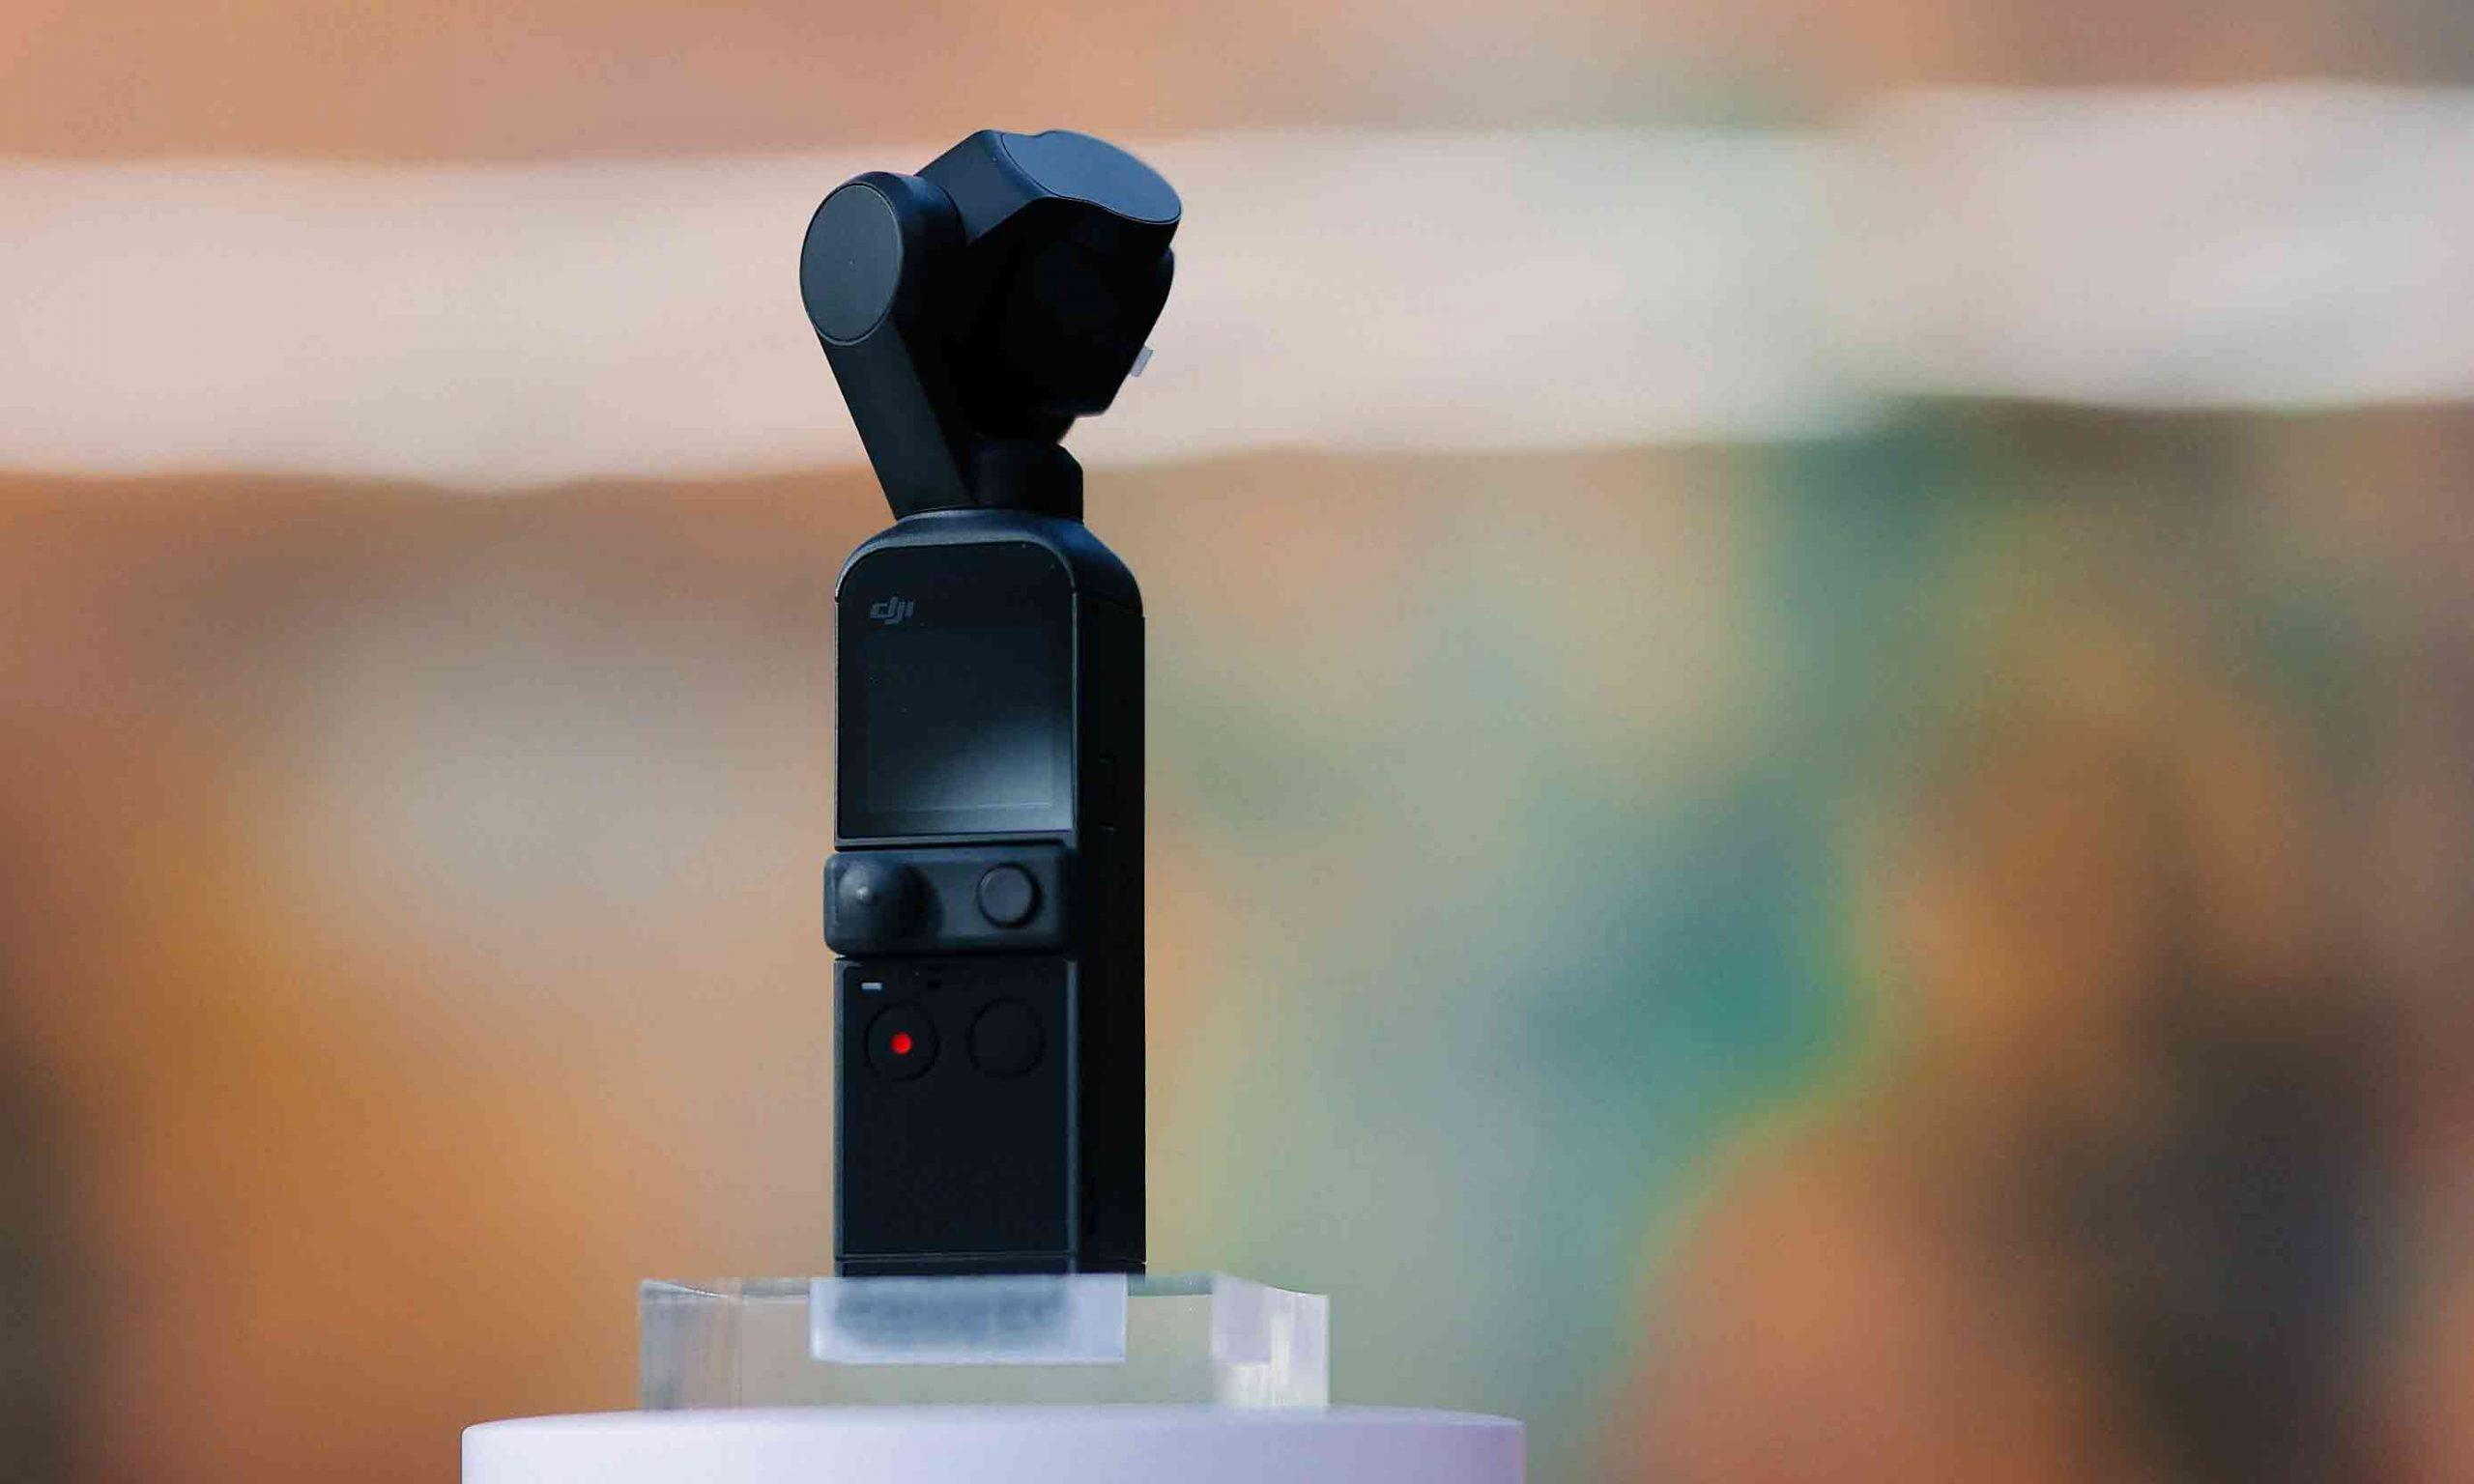 让生活更有「丰」度,大疆口袋智能小相机 DJI Pocket 2 新品登场